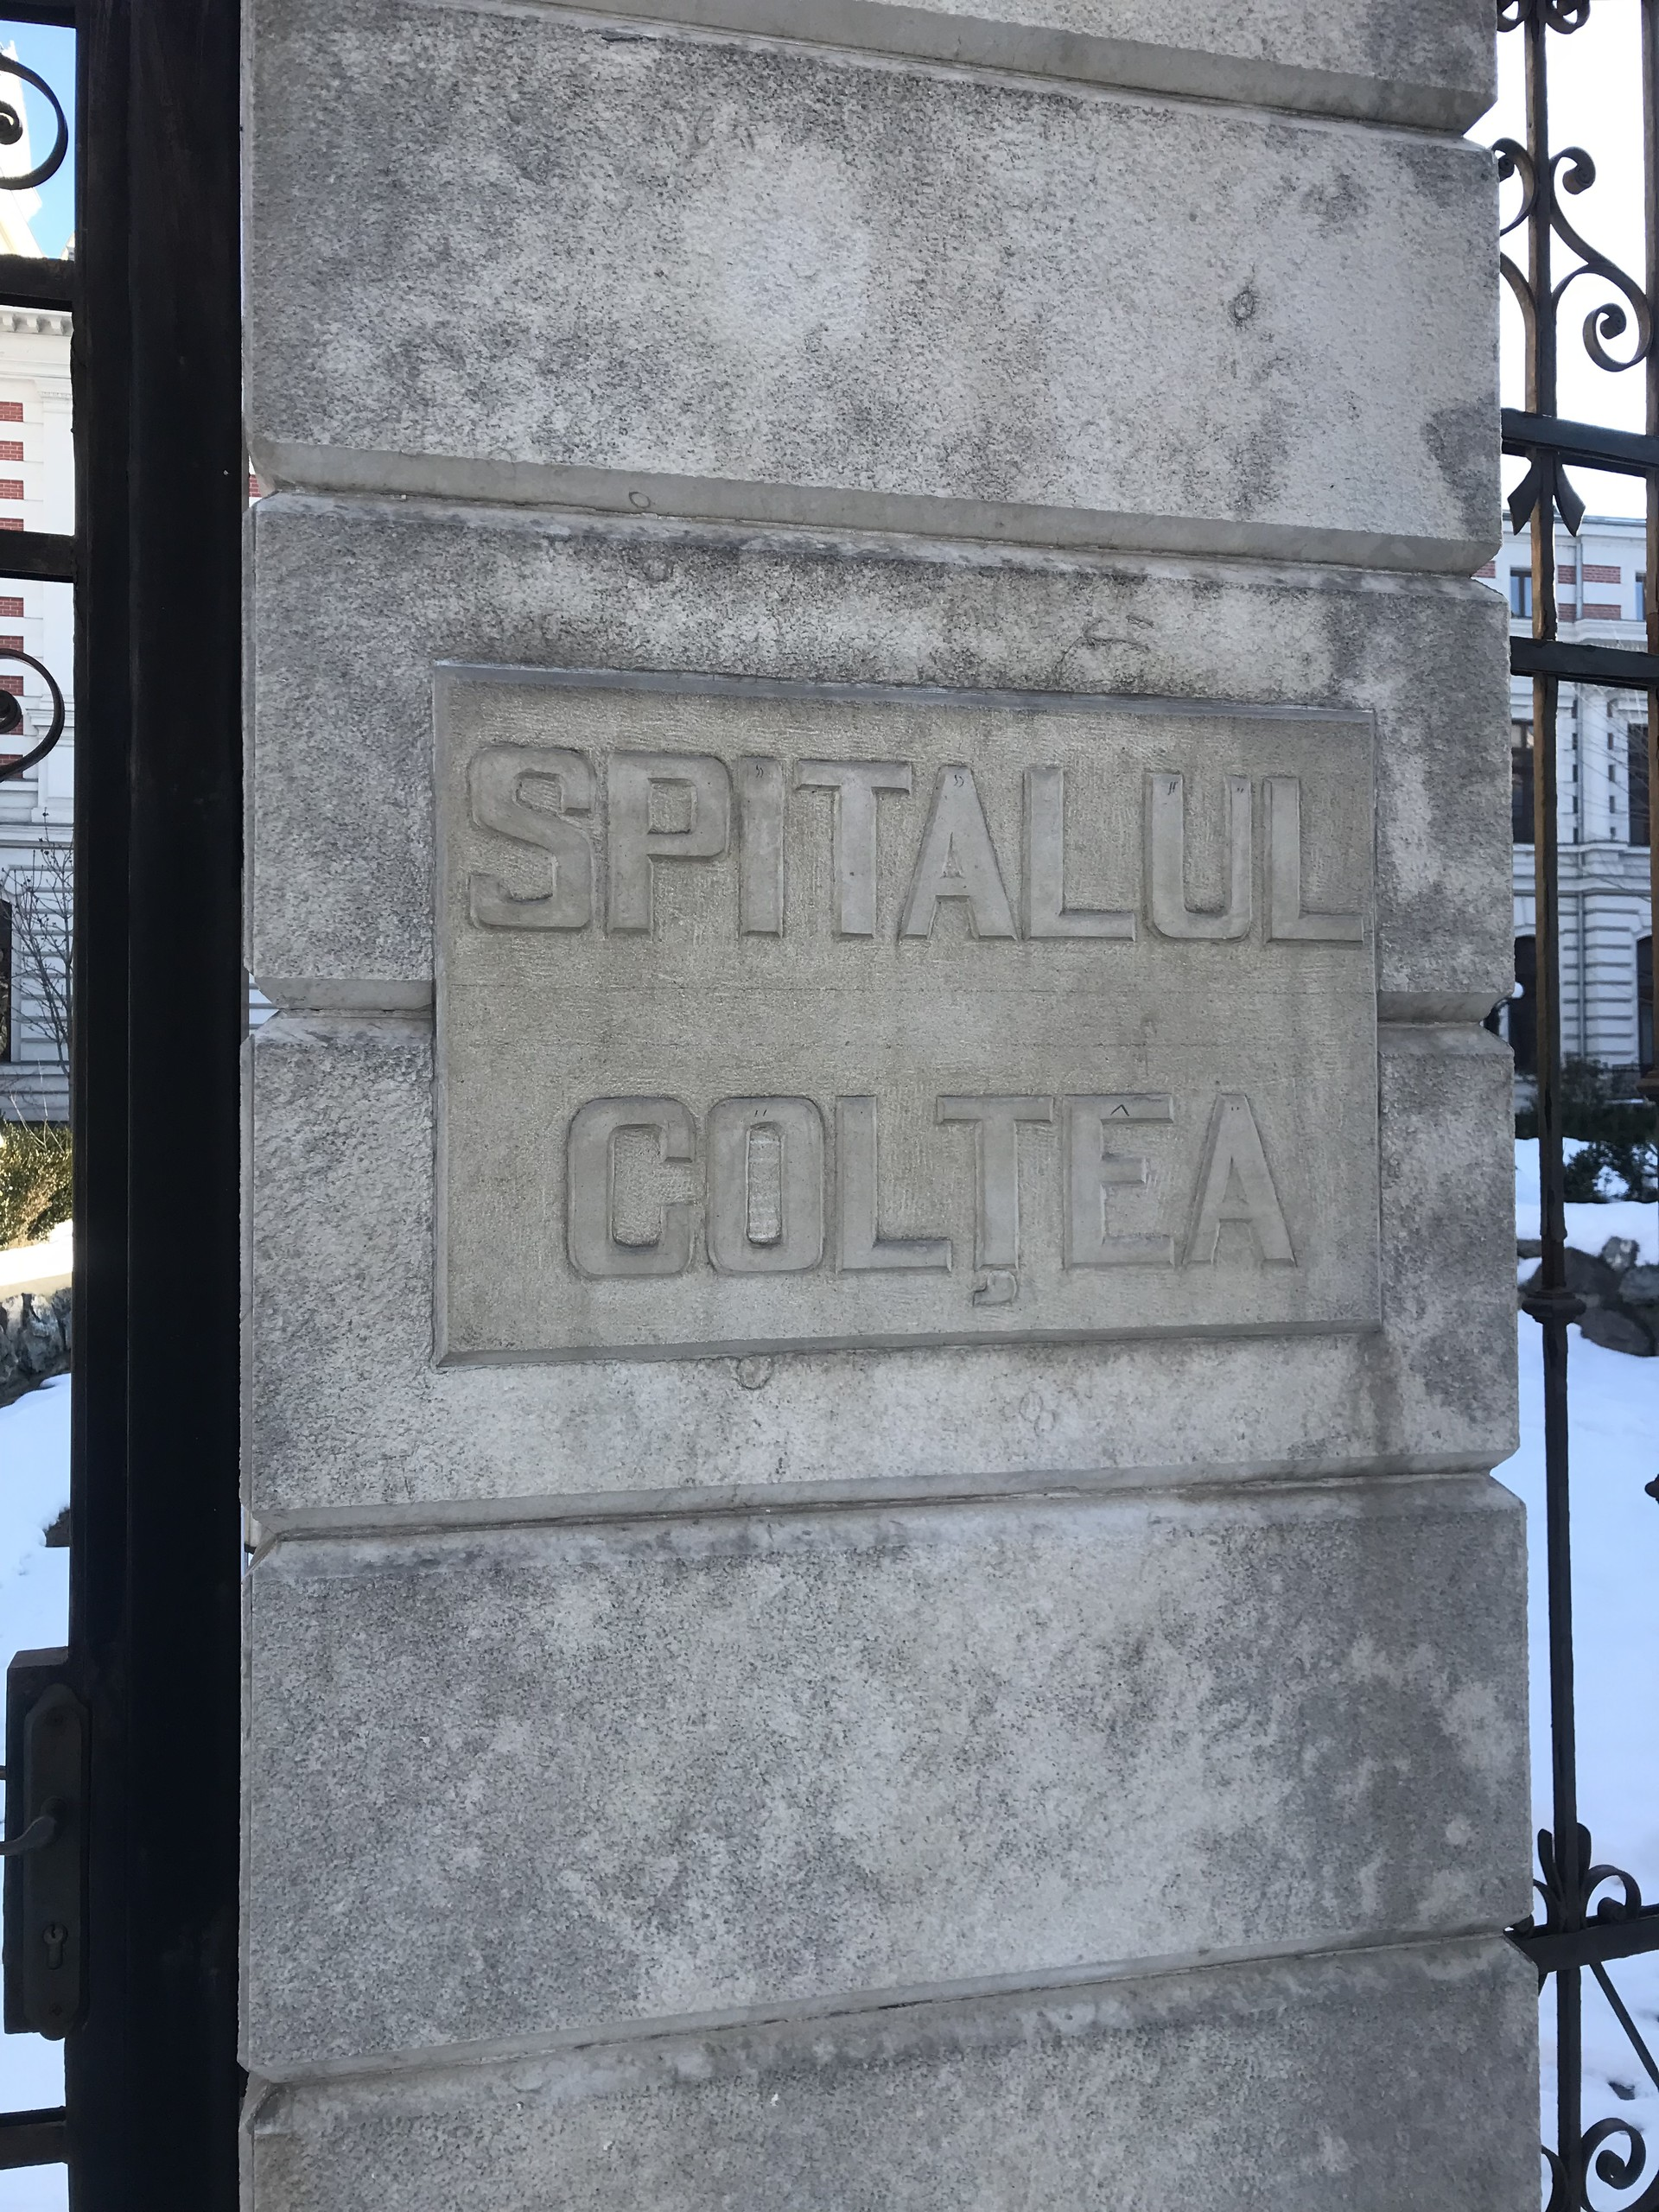 coltea-hospital-d7f8ec2893f3b05c0154c9a2